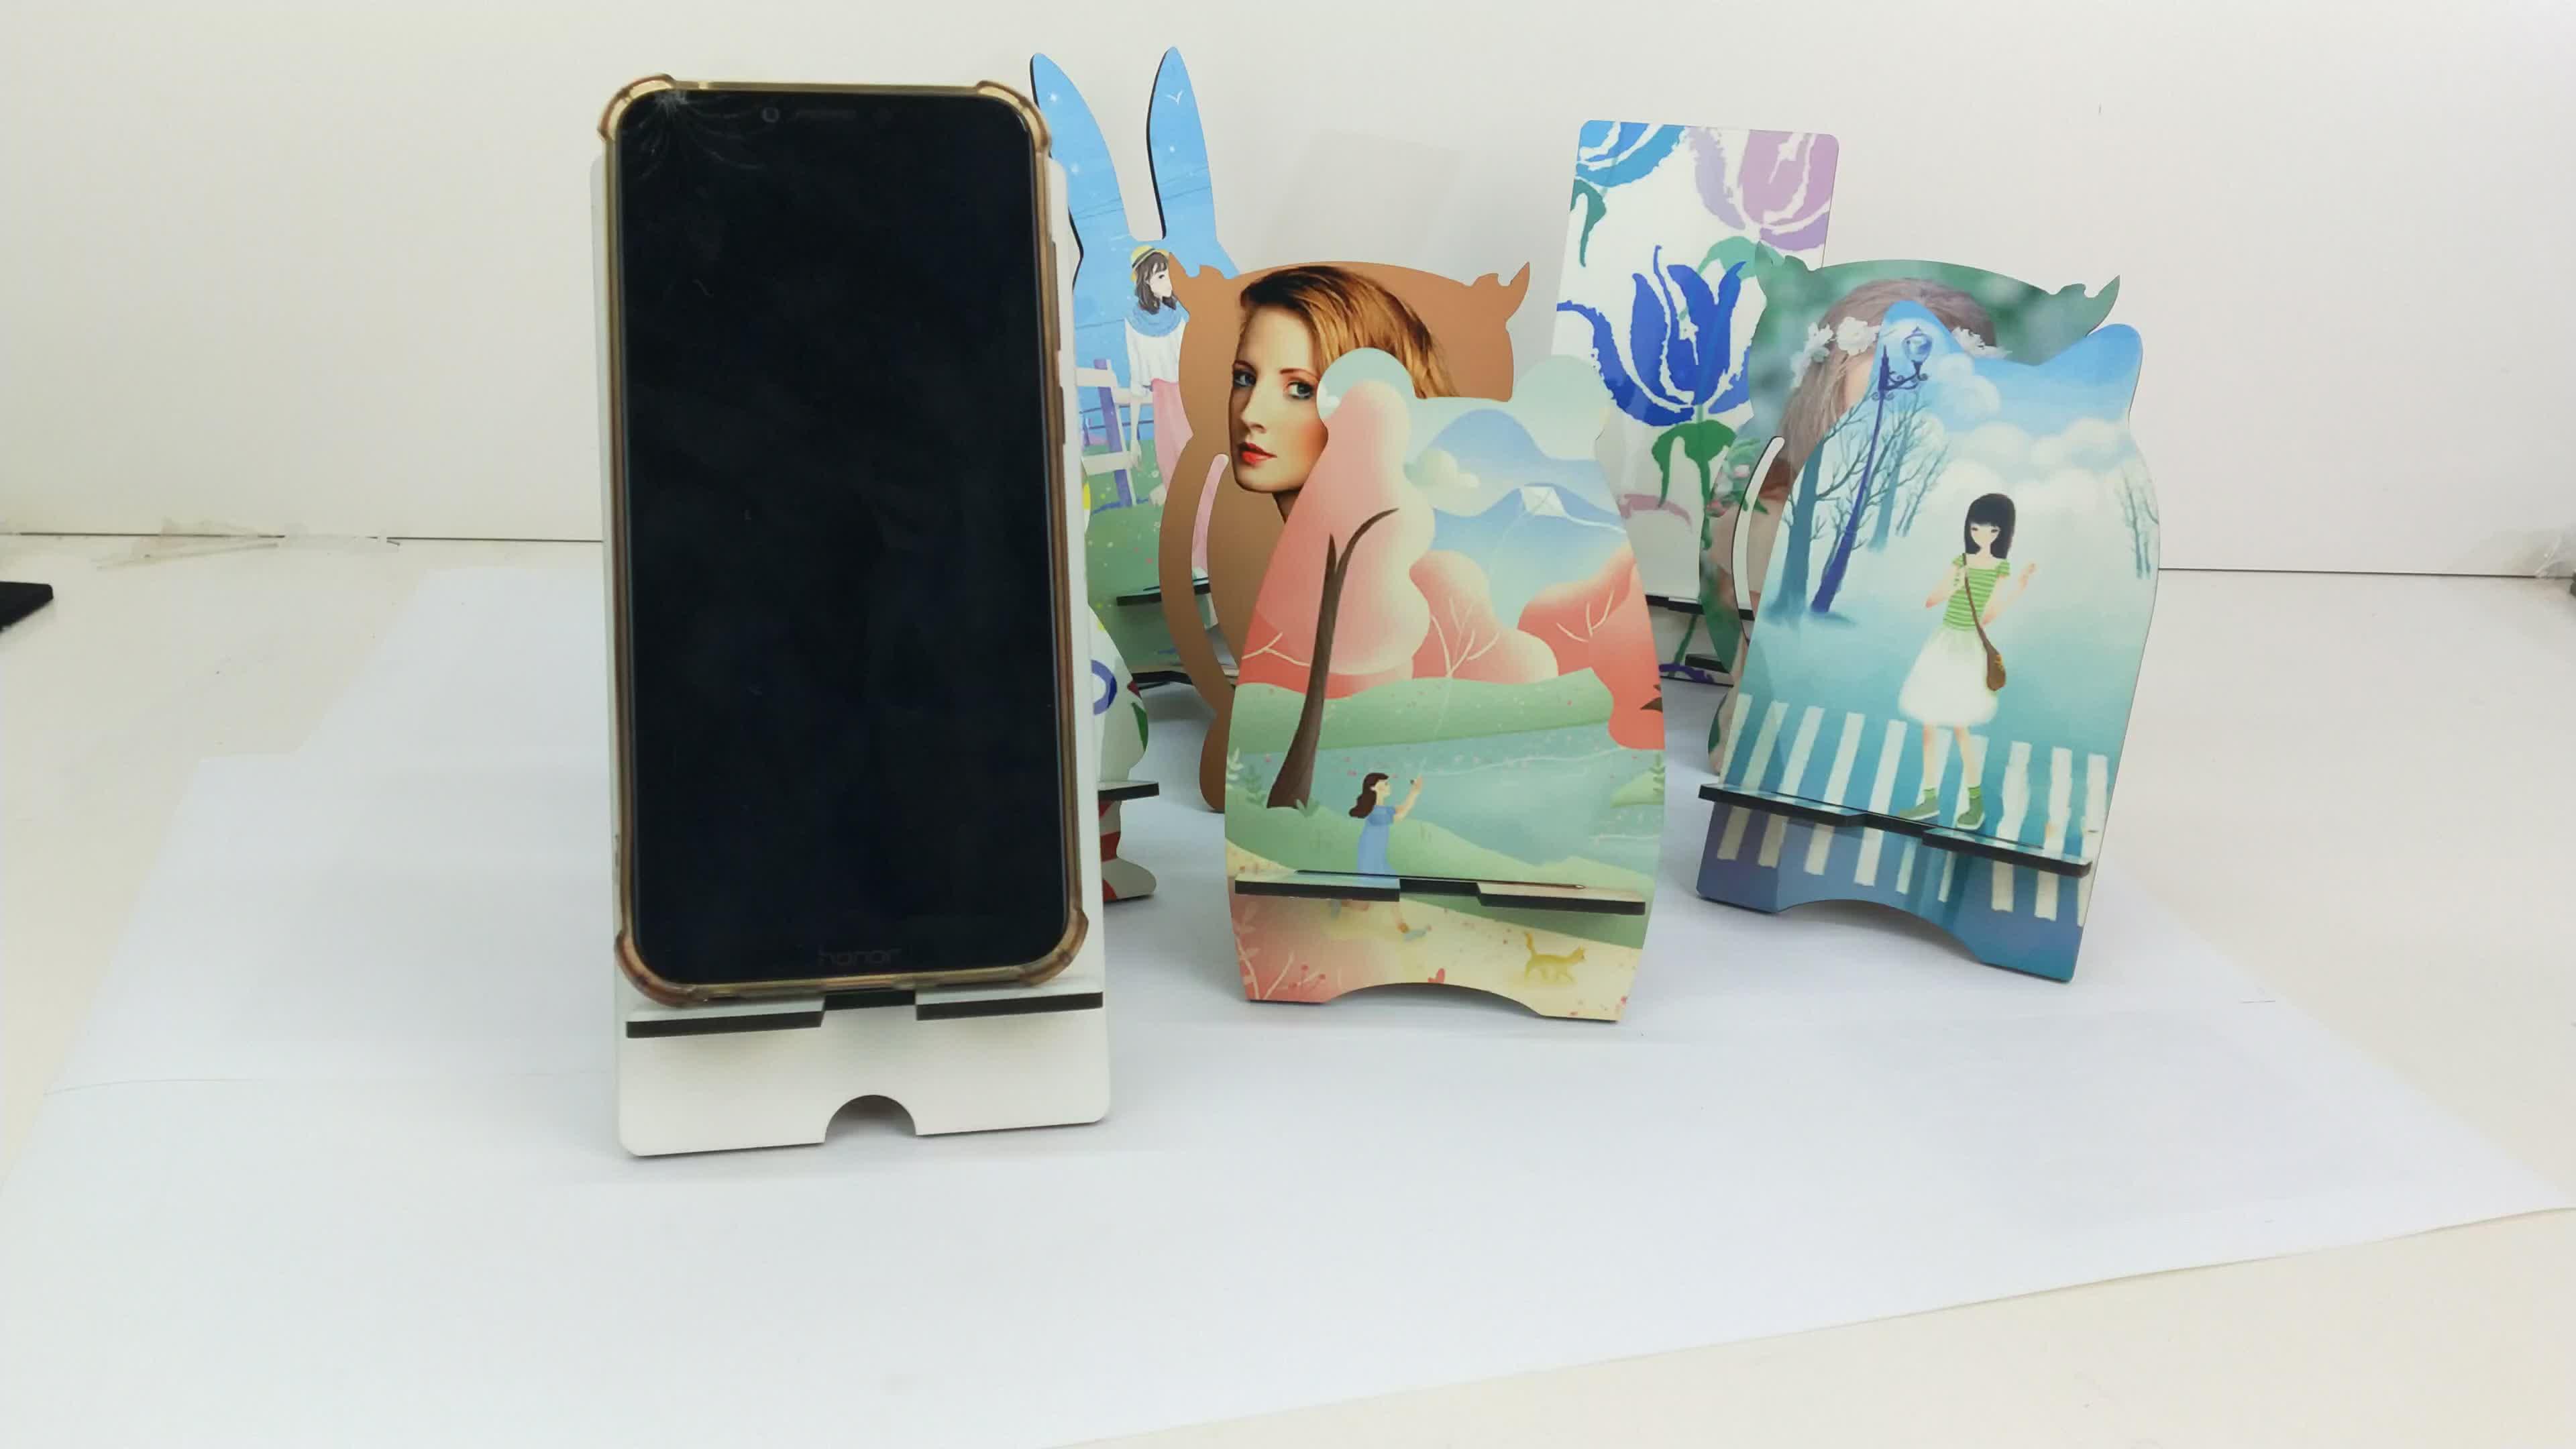 Fabricantes diretamente do telefone estande titular tablet Preguiçoso Acessórios utensílios de Mesa Decoração Da Casa